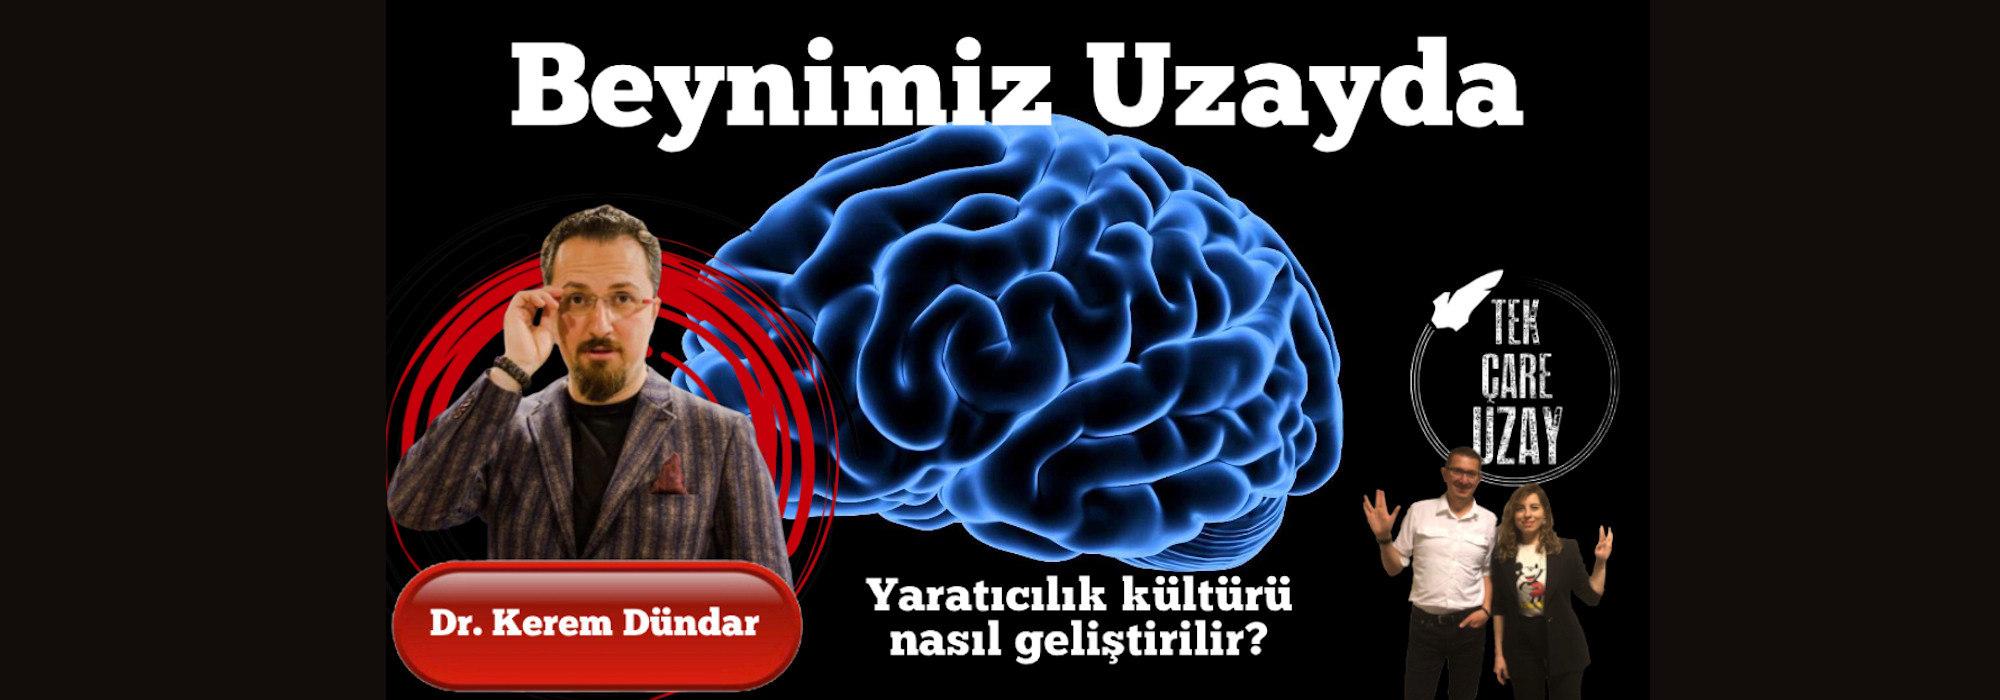 Beynimiz Uzayda ?? Yaratıcılık kültürü, Konuk: Dr. Kerem Dündar (Biyofizik) | B069